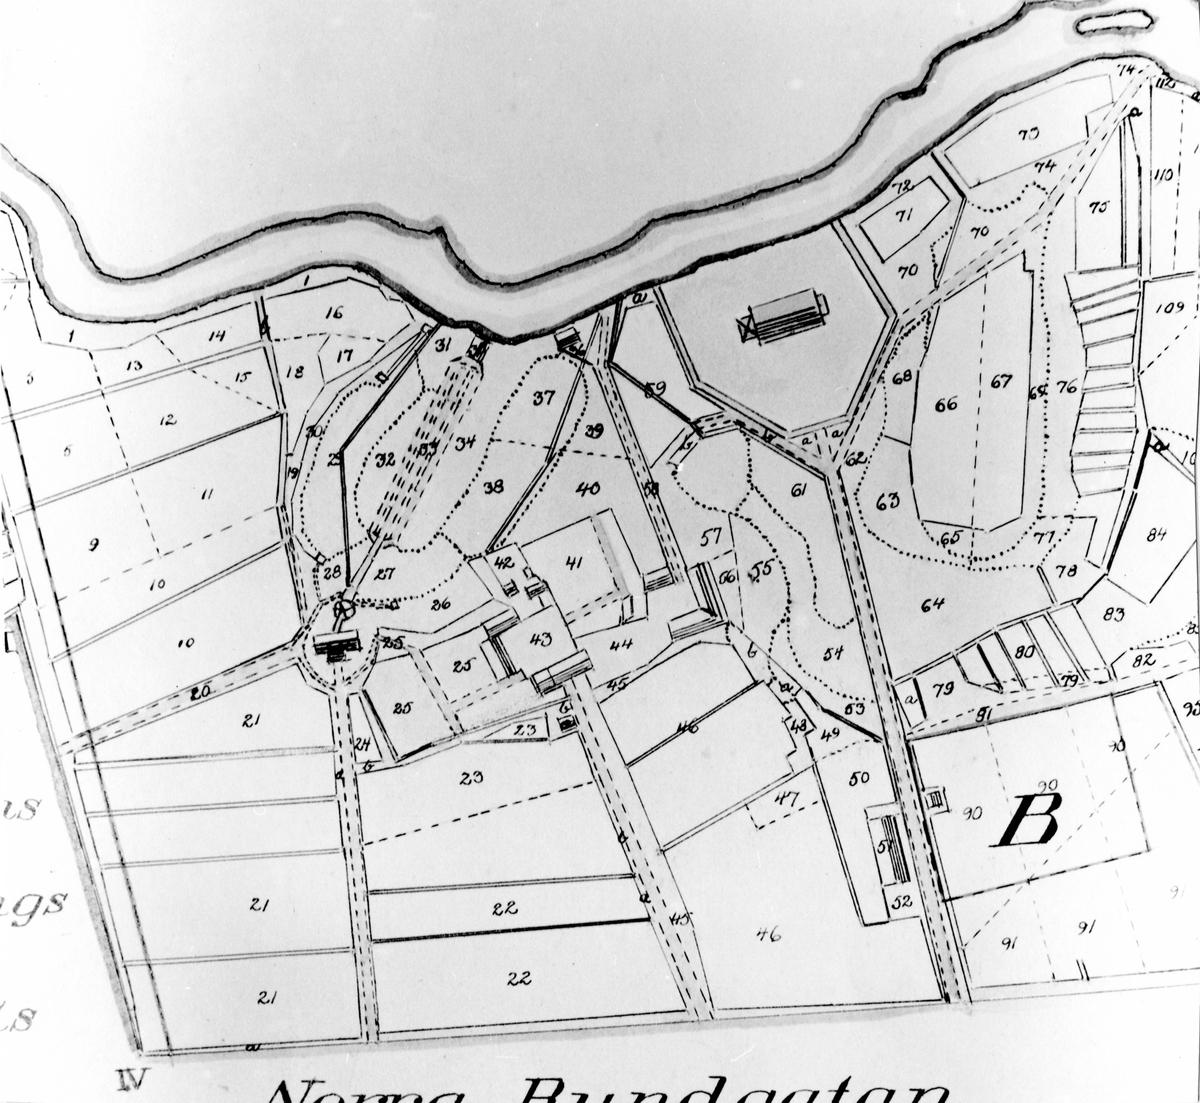 Detaljritning av skiftekarta över Holmens och Stockslycke byar 1847.  Original finns på Lantmäterikontoret Alingsås.